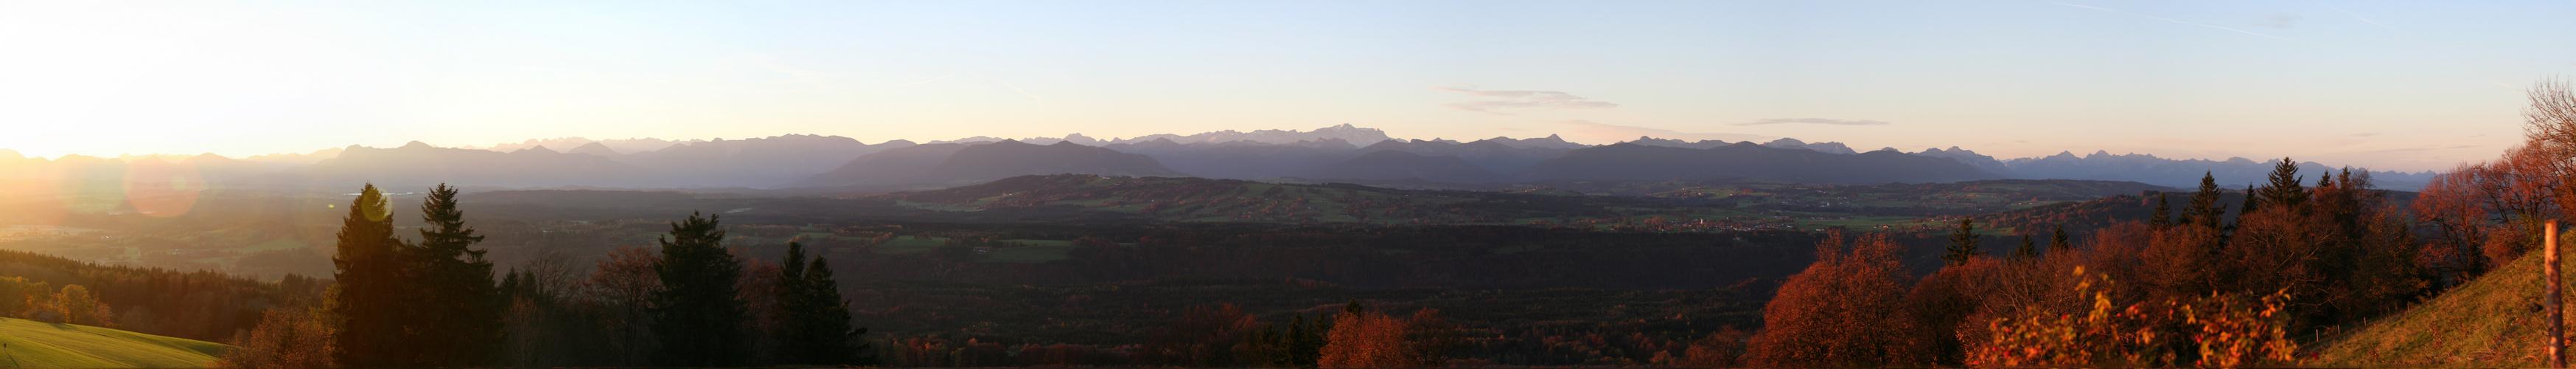 Alpenpanorama im Sonnenaufgang